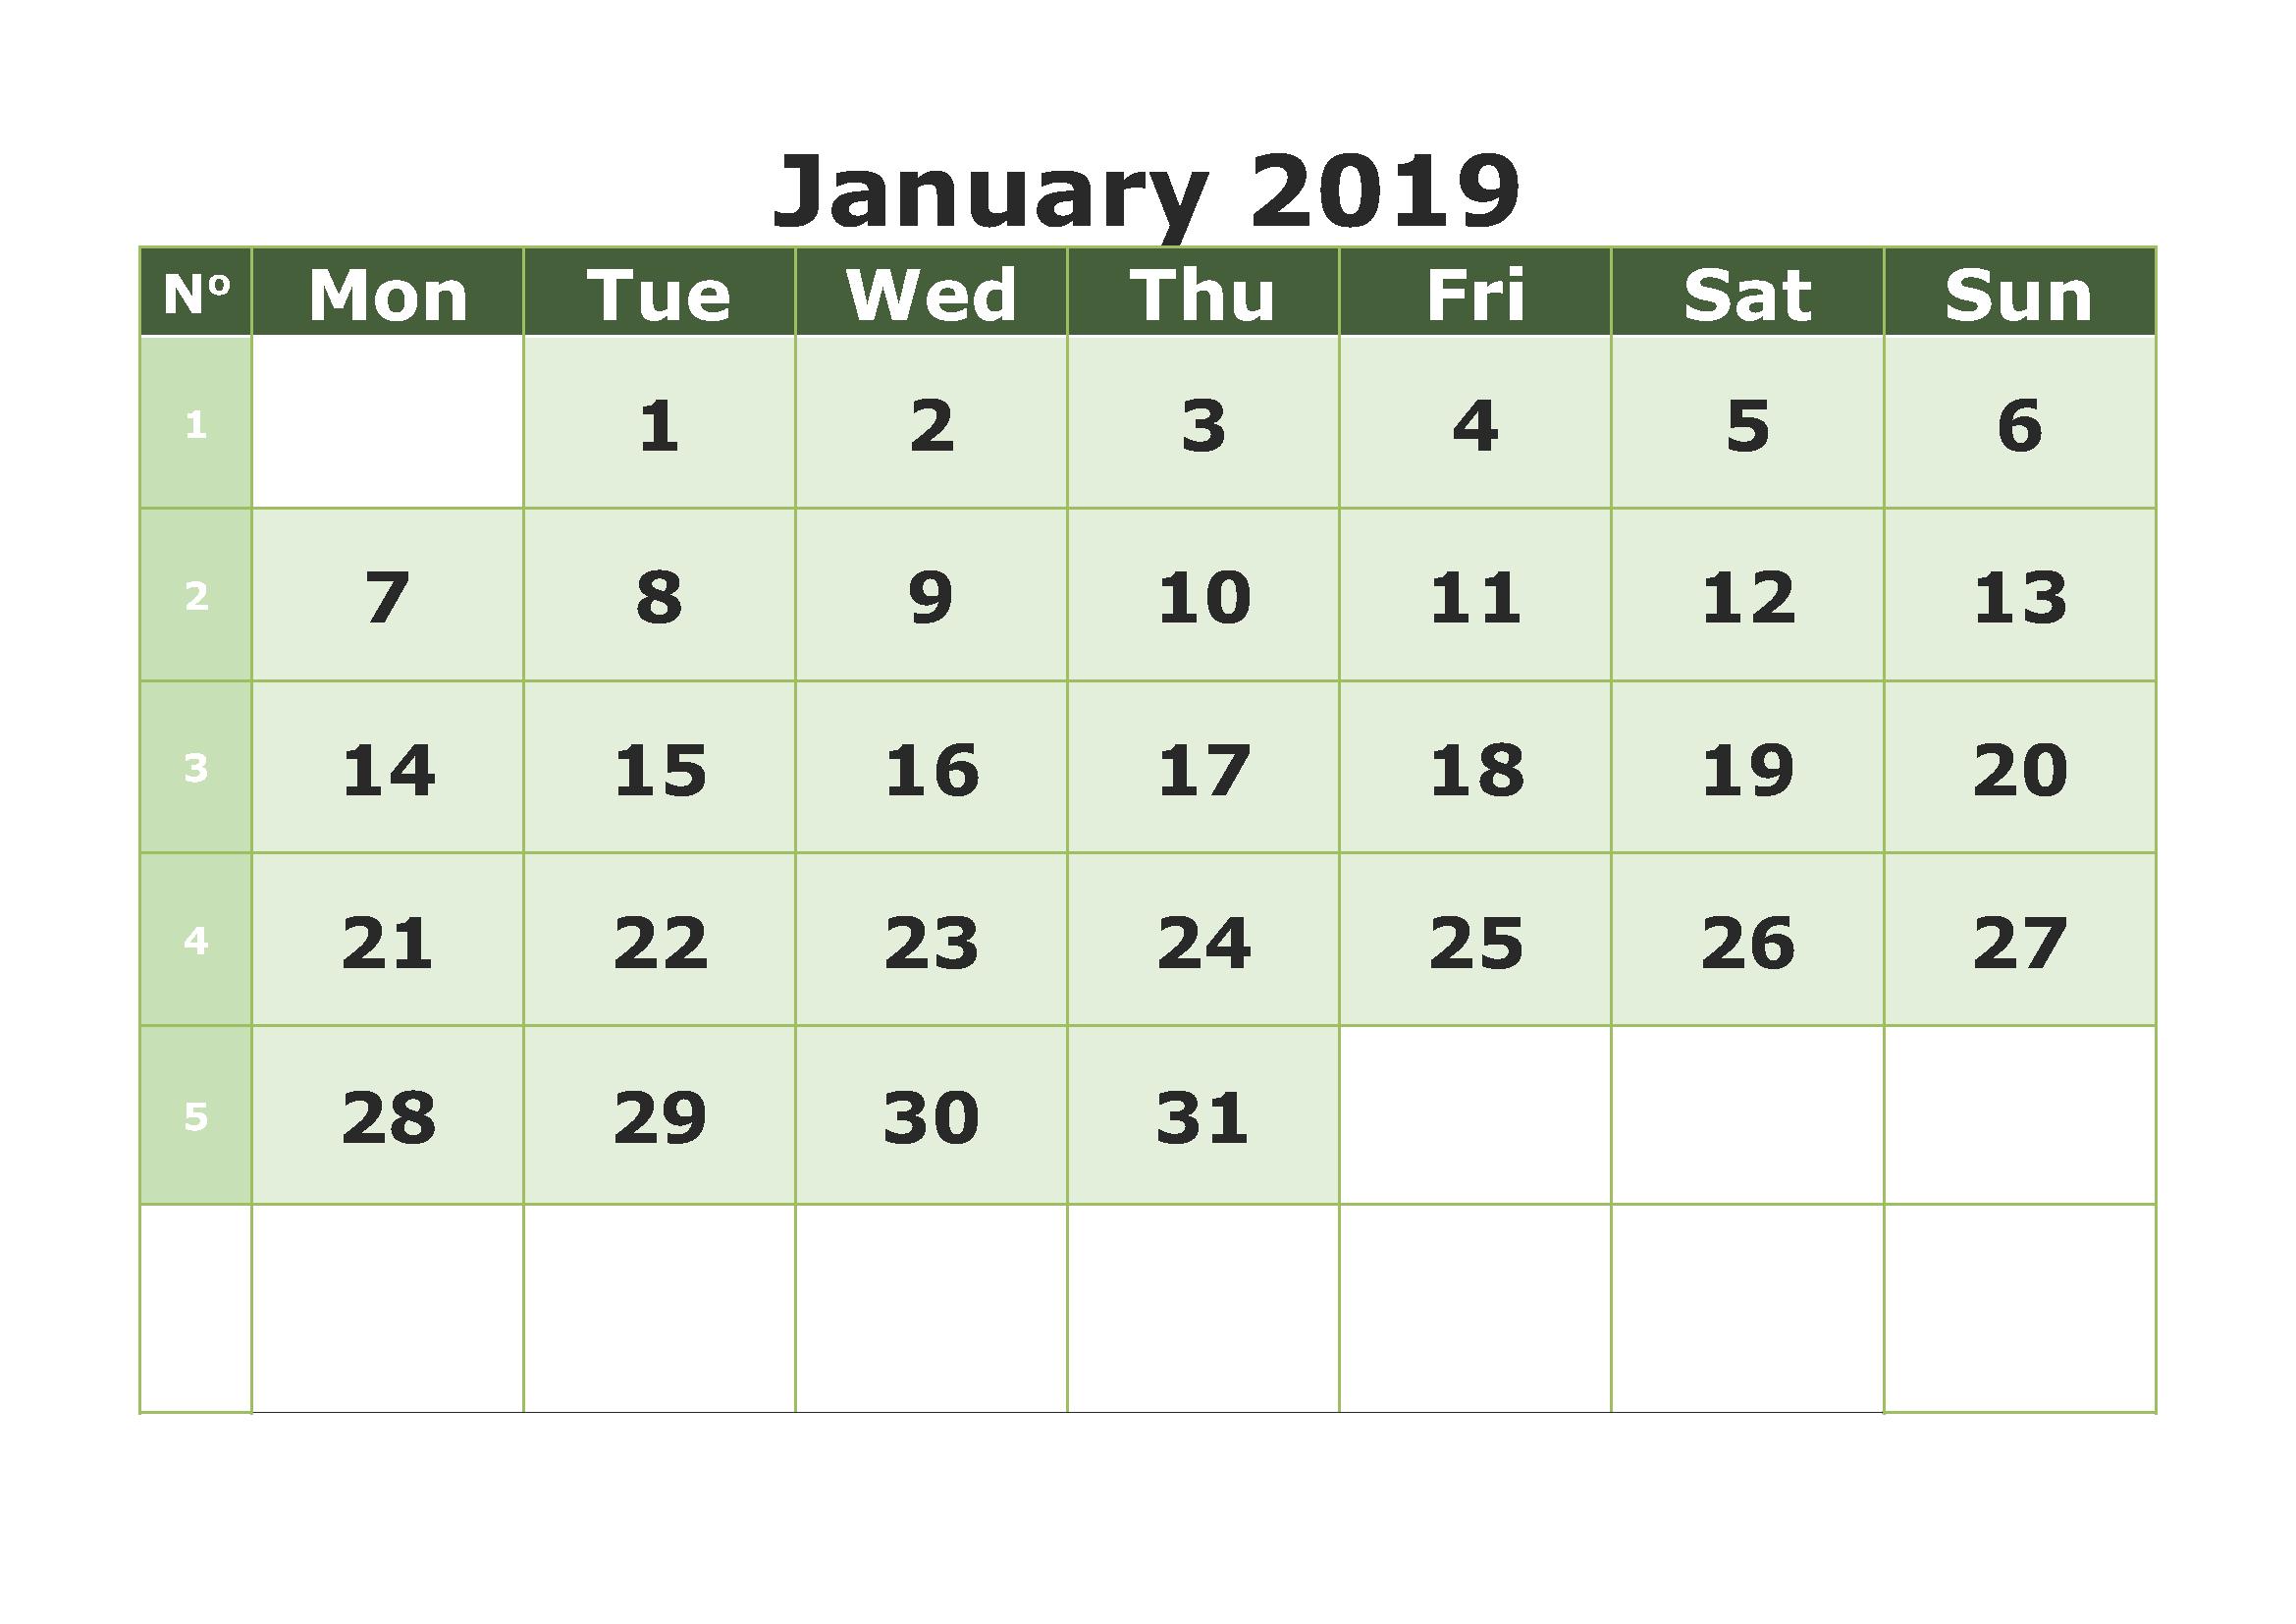 January Calendar Template Excel Sheet